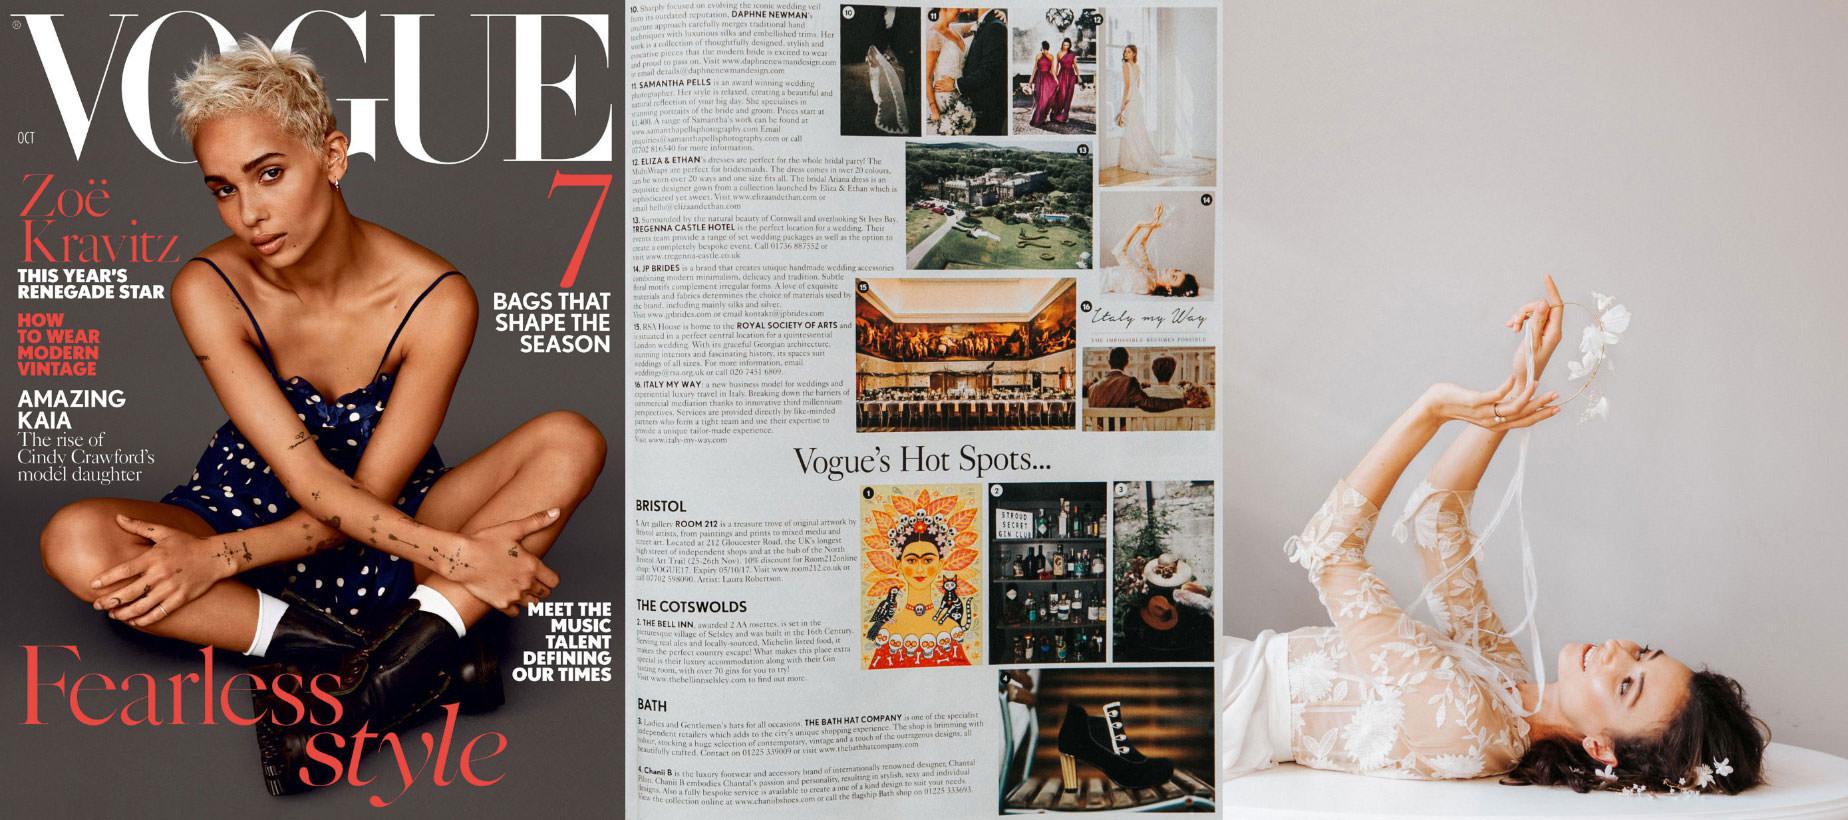 fotograf ślubny poznań, sesja ślubna zdjęciowa do Vogue